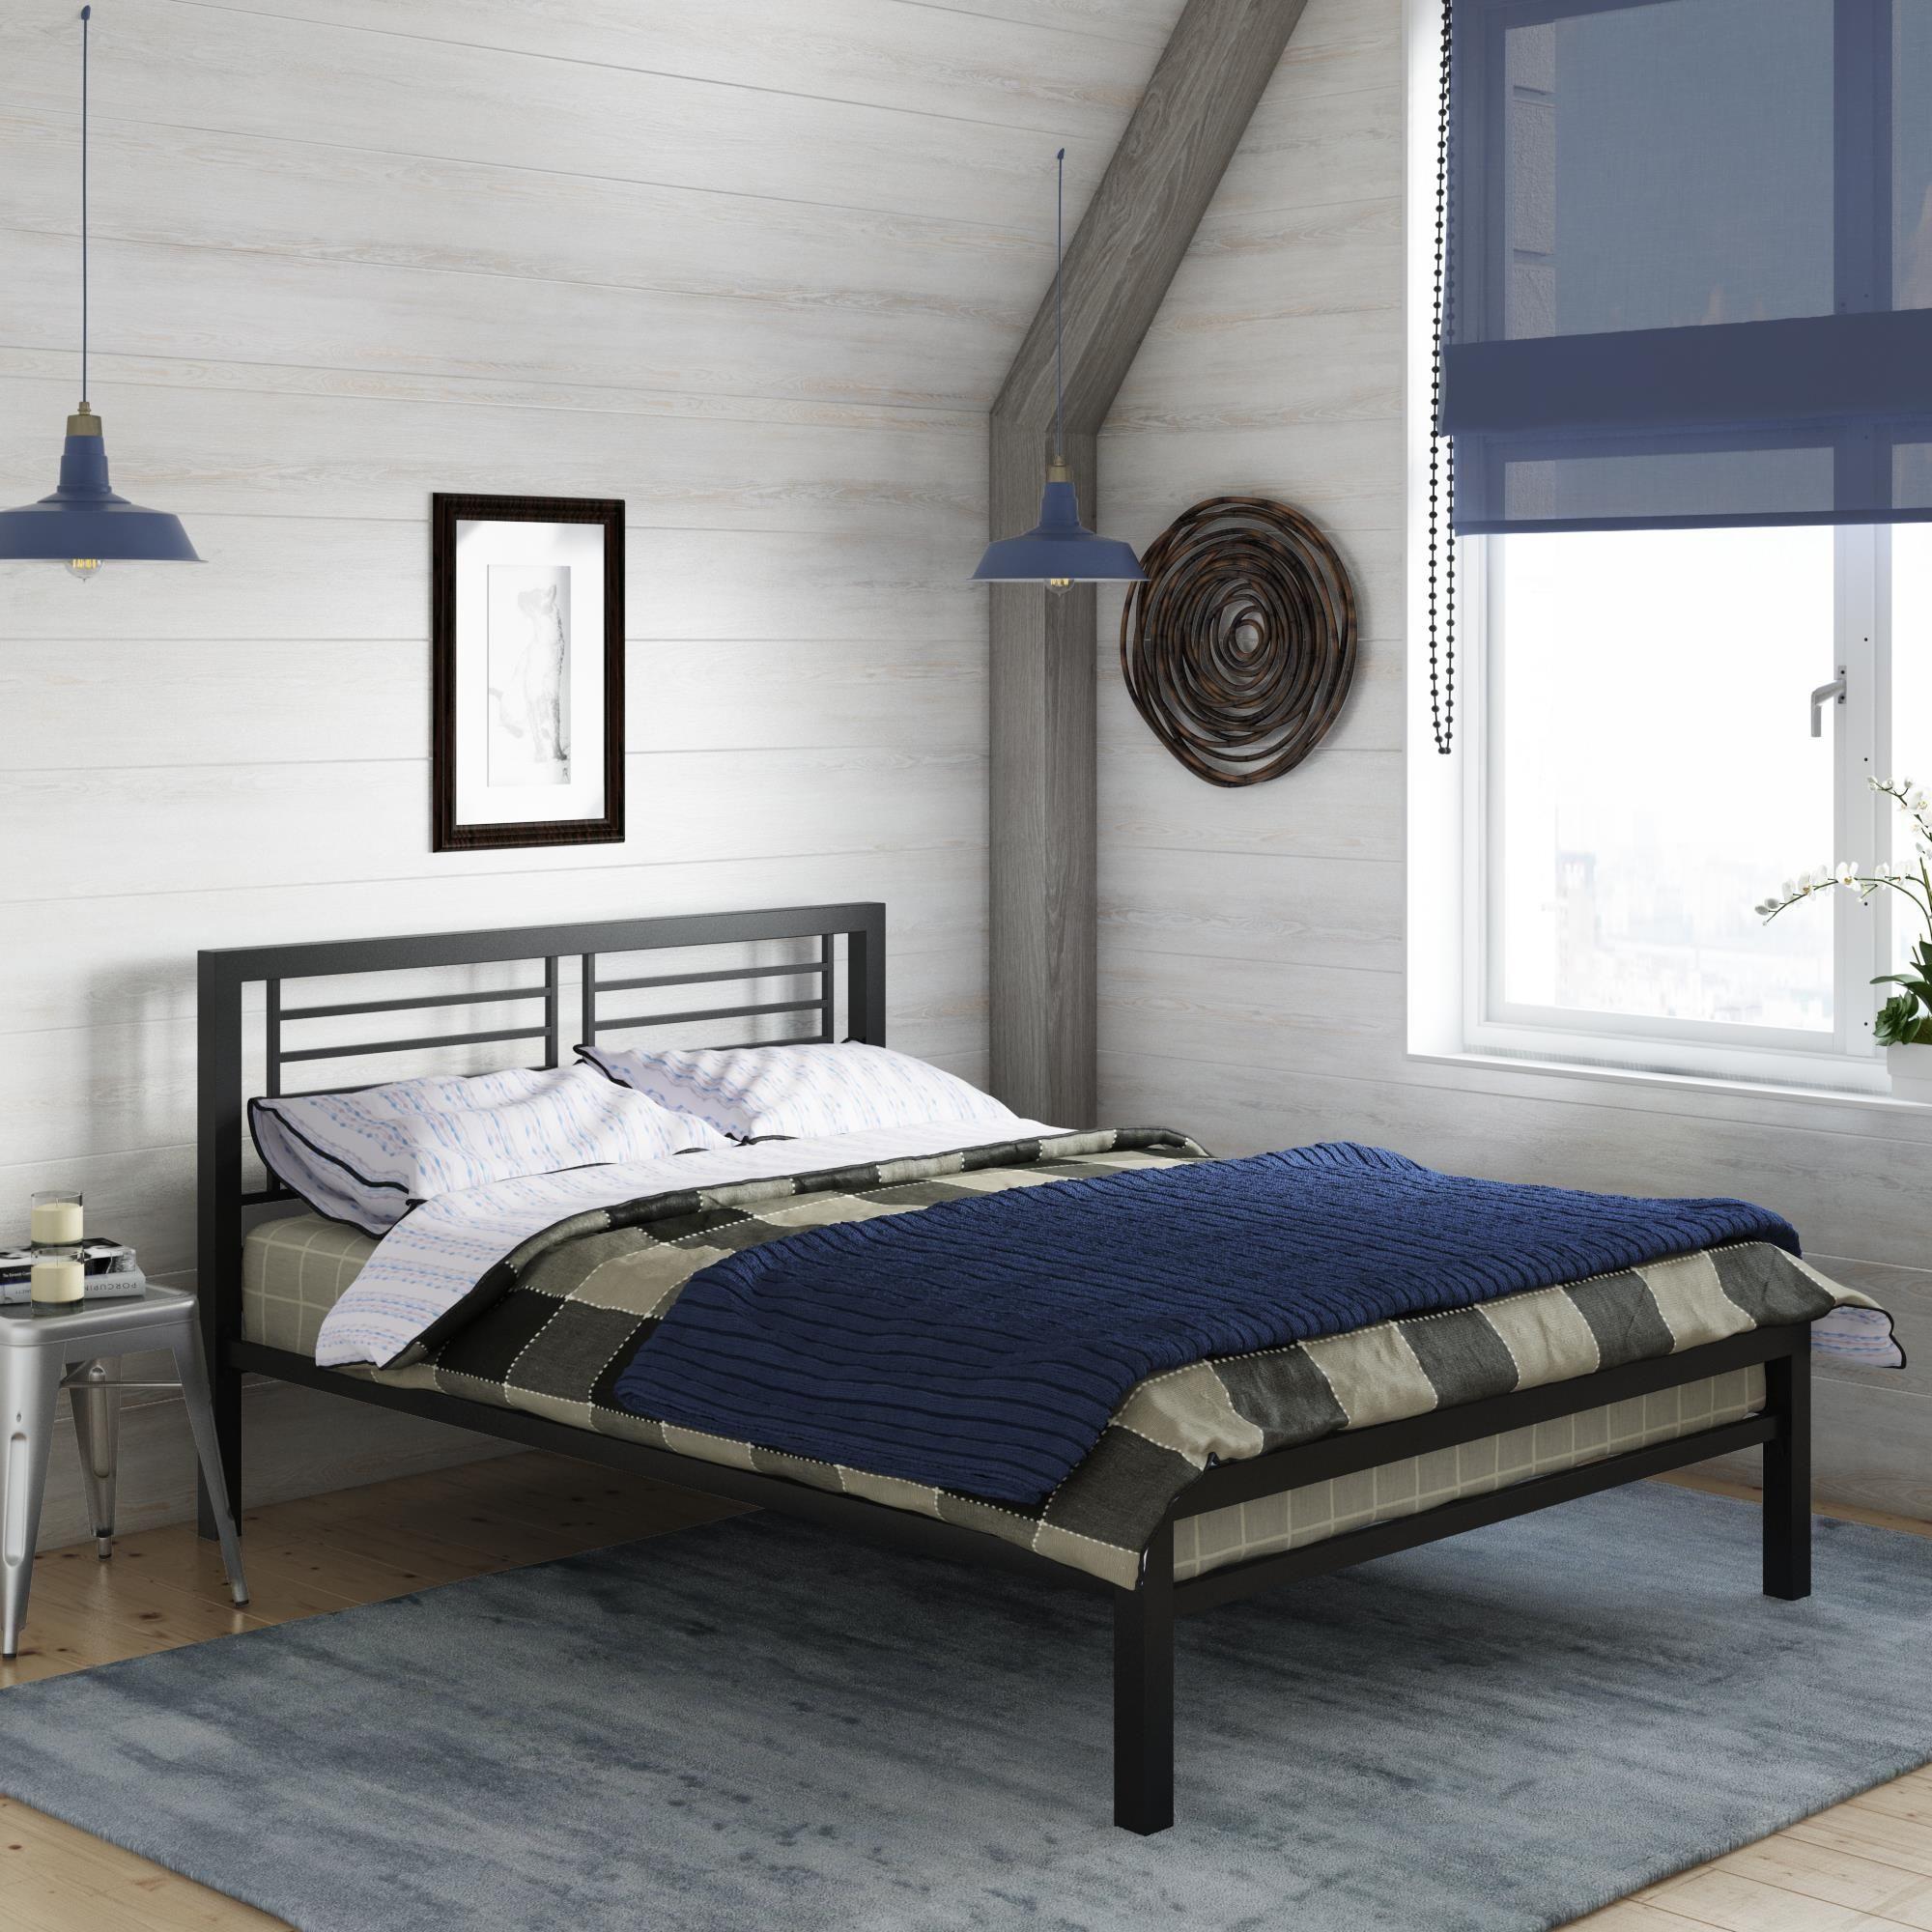 Home In 2020 Metal Platform Bed Kids Bed Frames Twin Bed Frame